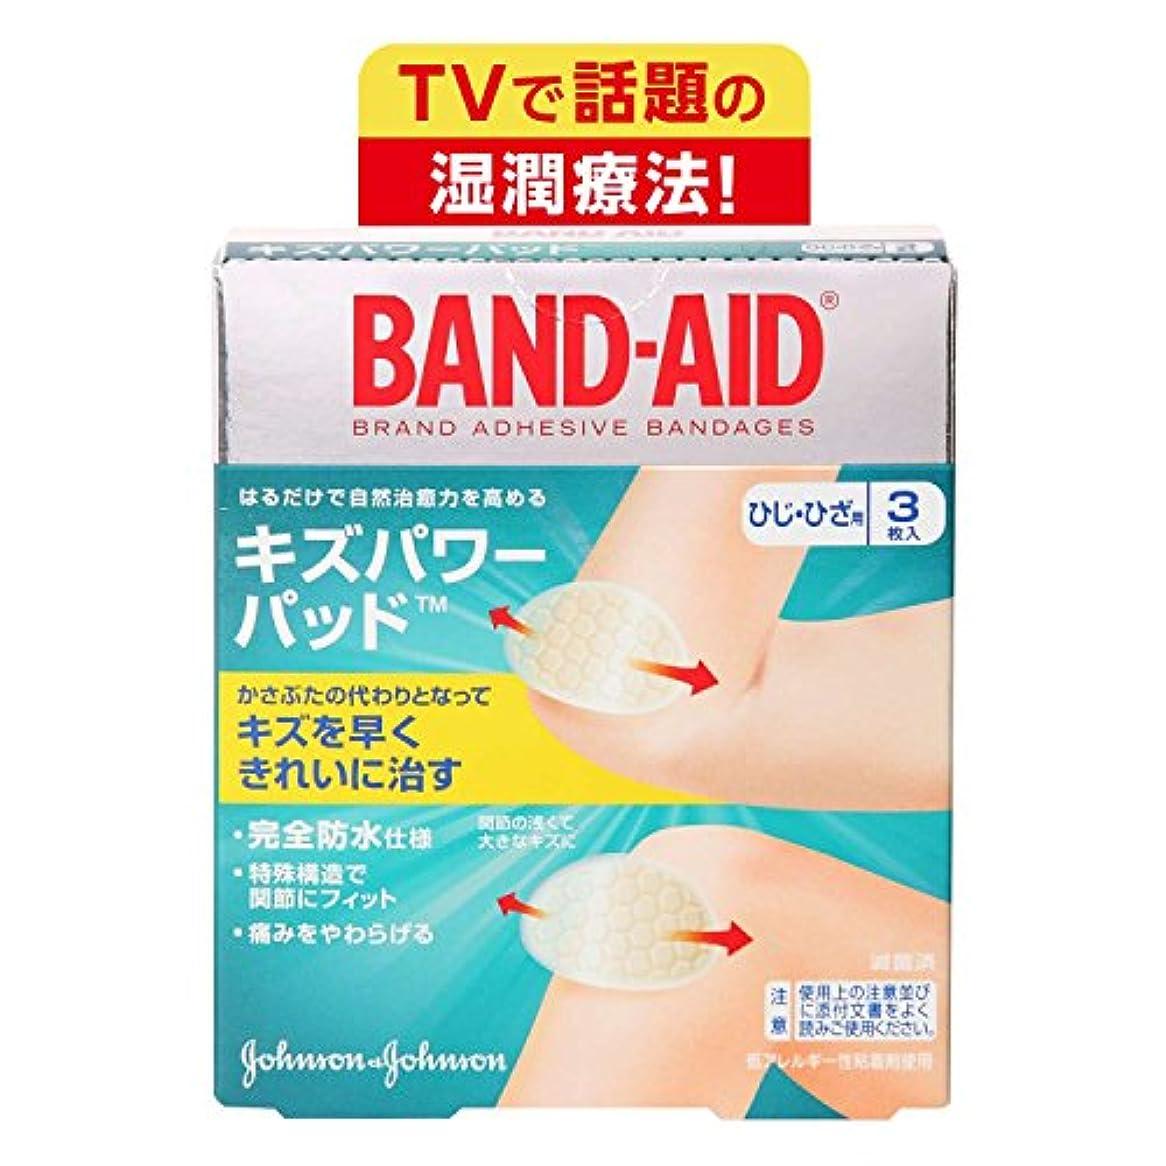 できない優しいなぜならBAND-AID(バンドエイド) キズパワーパッド ひじ?ひざ用 3枚「BAND-AID キズパワーパッド」管理医療機器